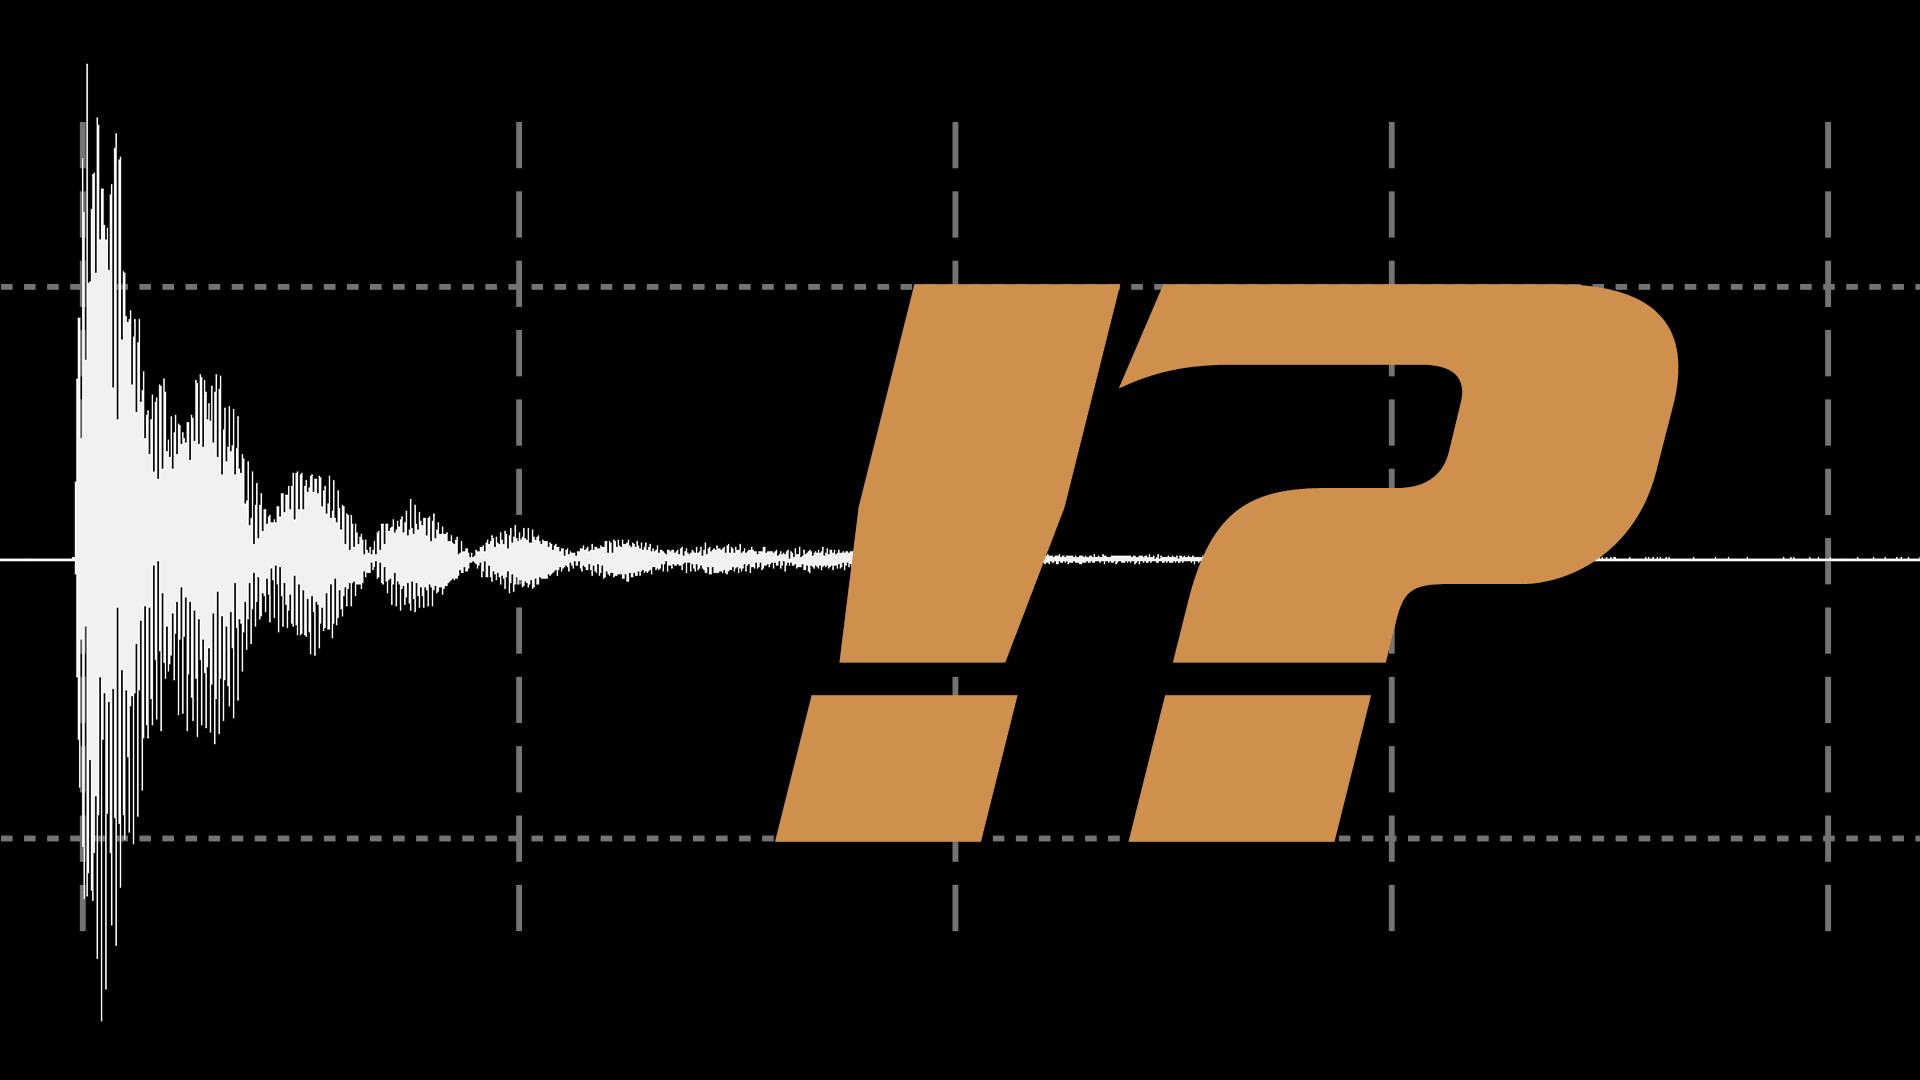 Gissa ljudet! - grafik med en vågform